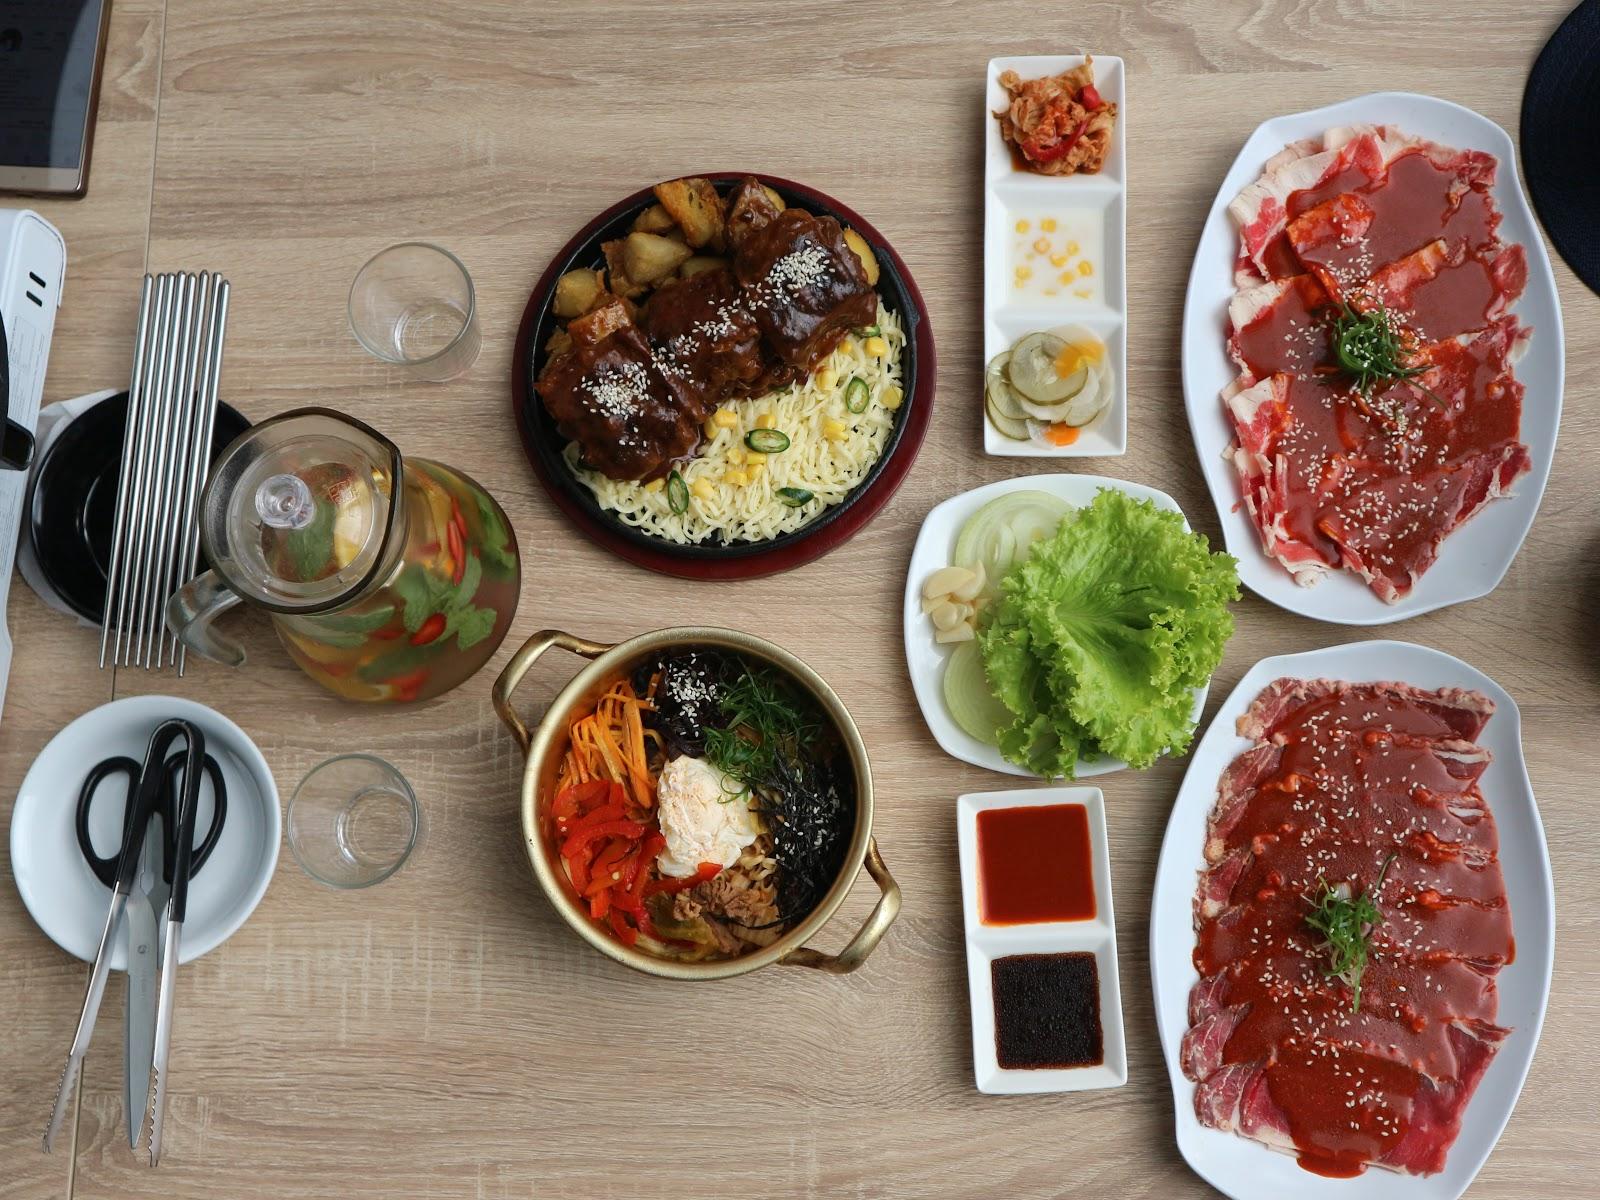 Buldaq The Best Korean Food In Purwokerto City Saos Korea Menu Kedua Yang Saya Makan Di Bbq Puwokerto Nah Caramakannya Kalian Harus Tau Grill Dulu Dagingnya Kemudian Cocolkan Ke Dalam Saus